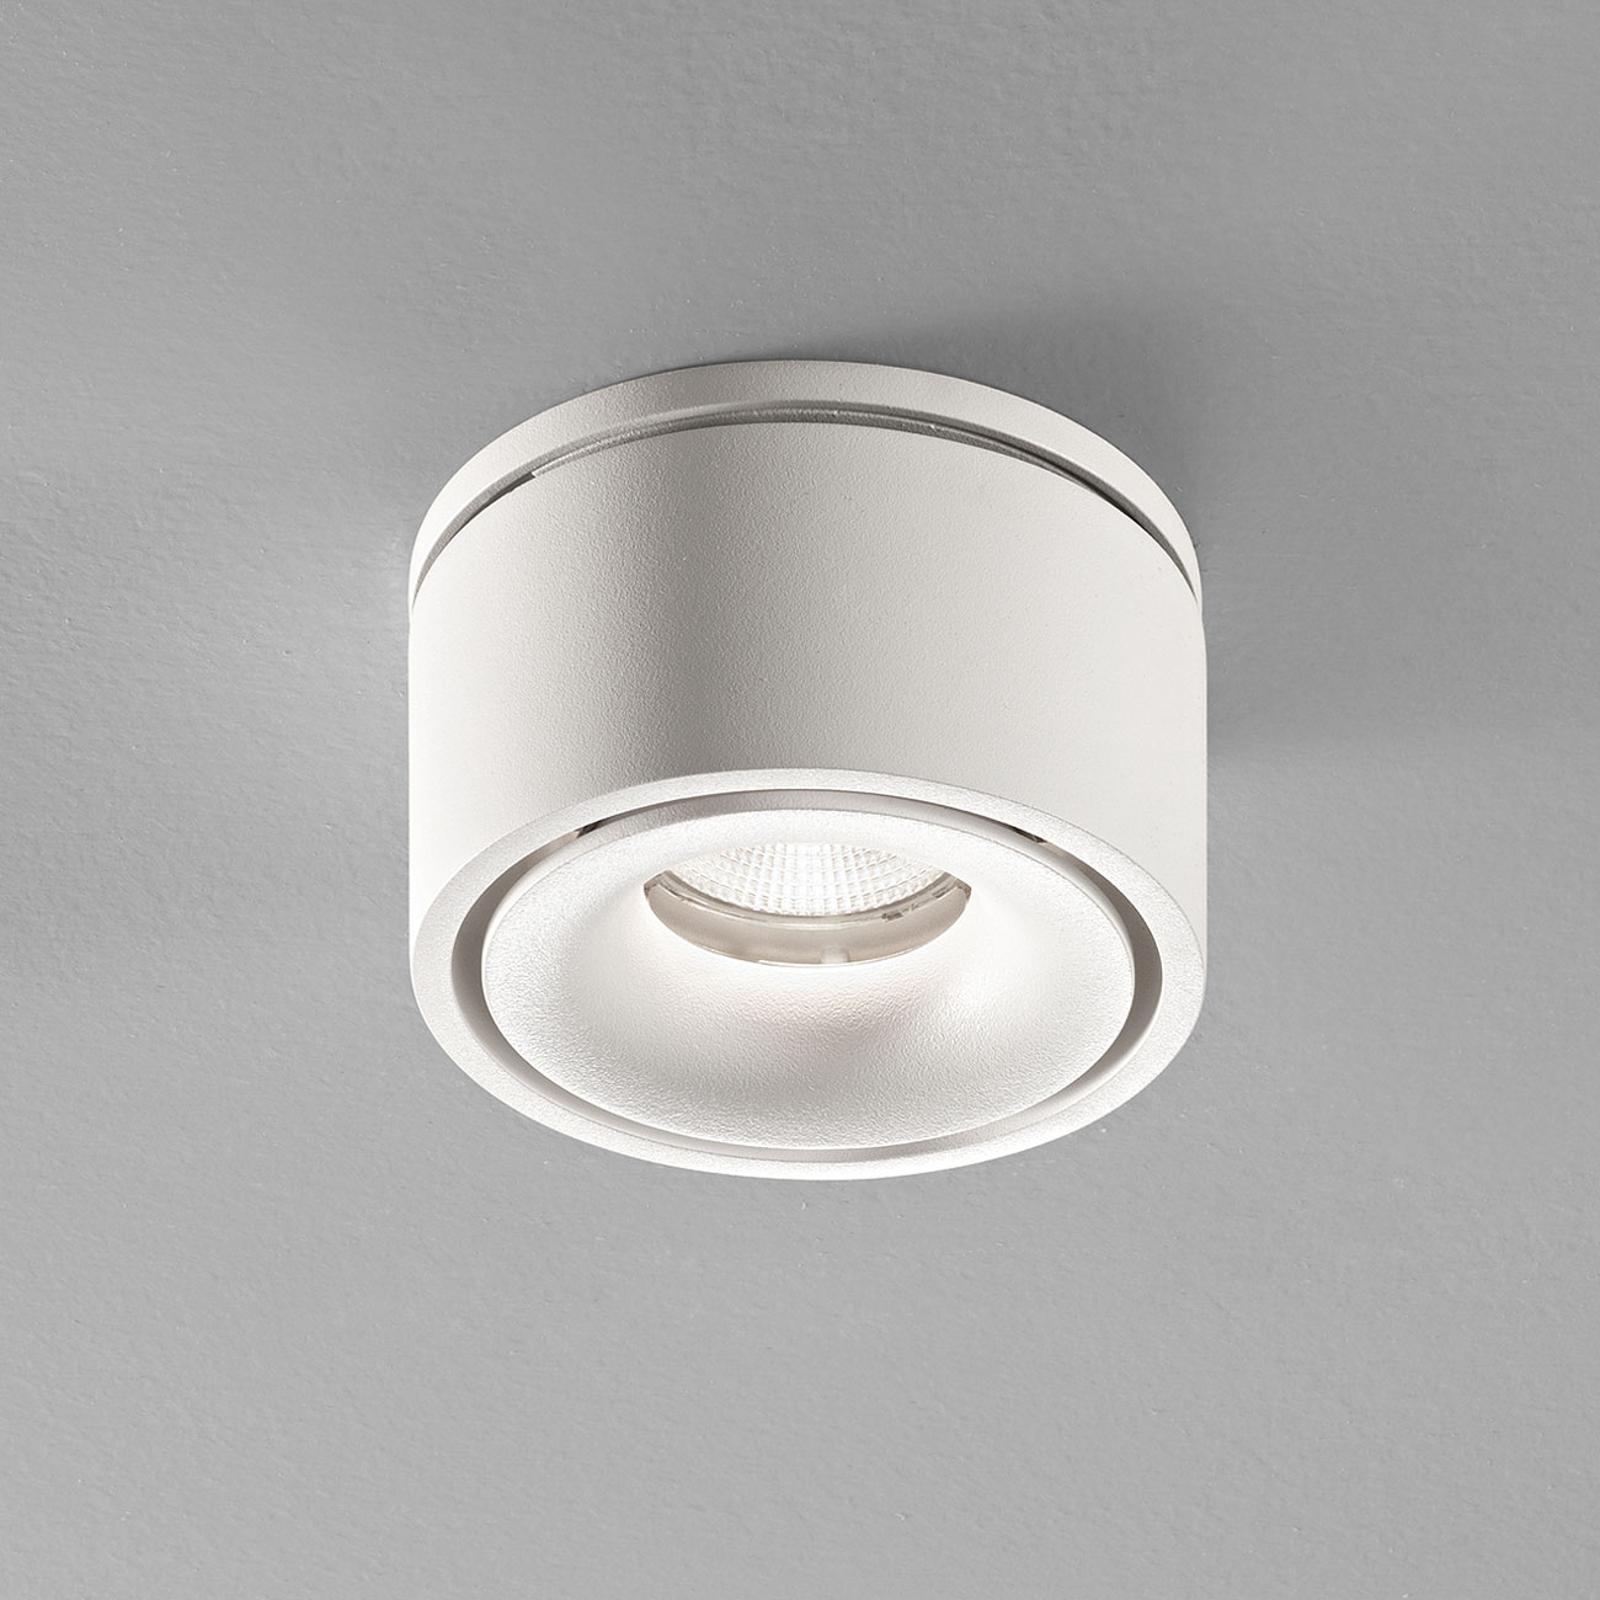 Egger Clippo EP spot encastré LED, blanc, 2700K